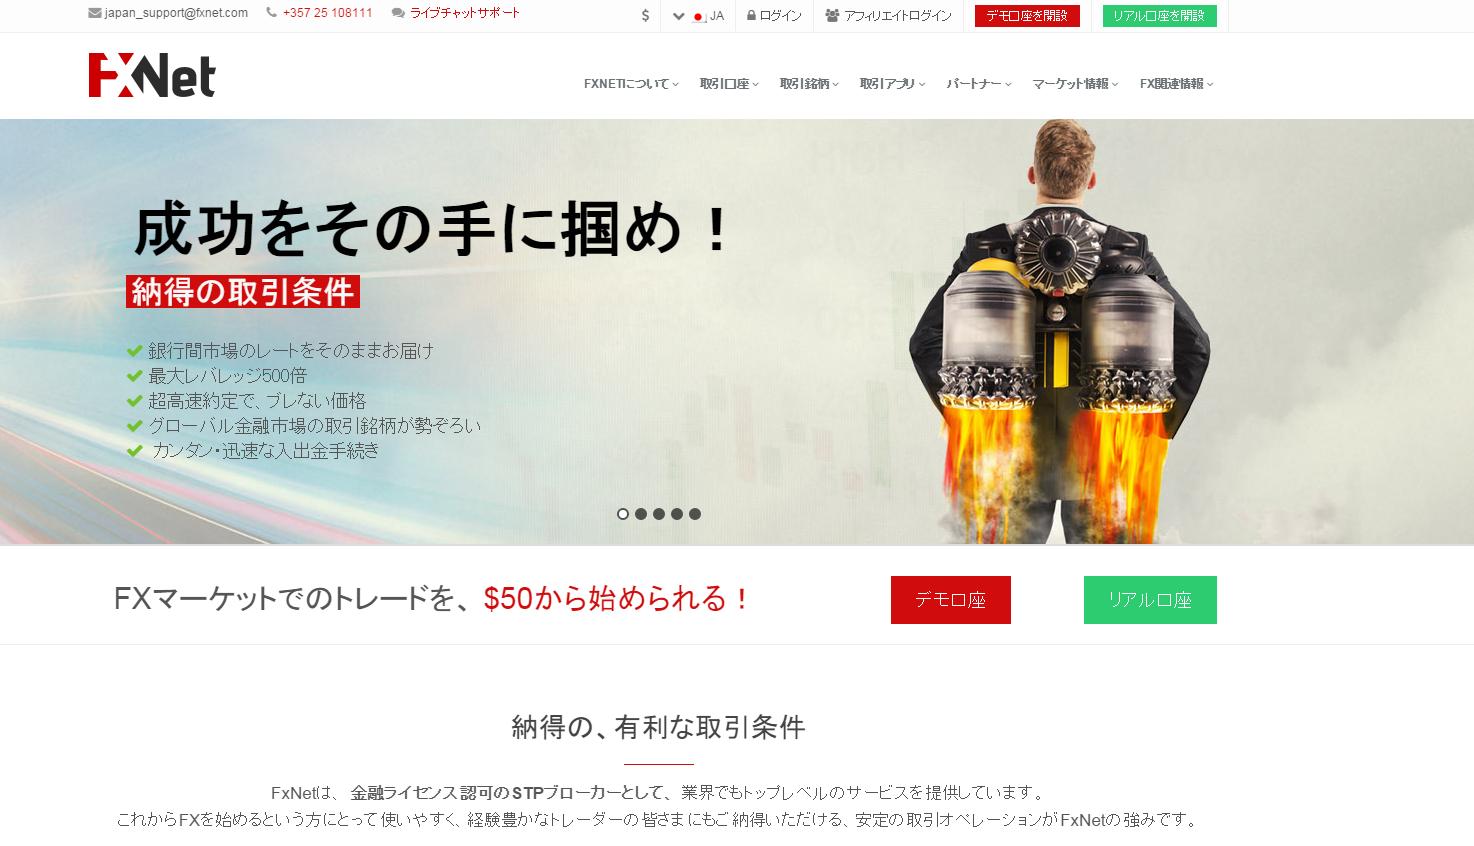 FxNet新ウェブサイト